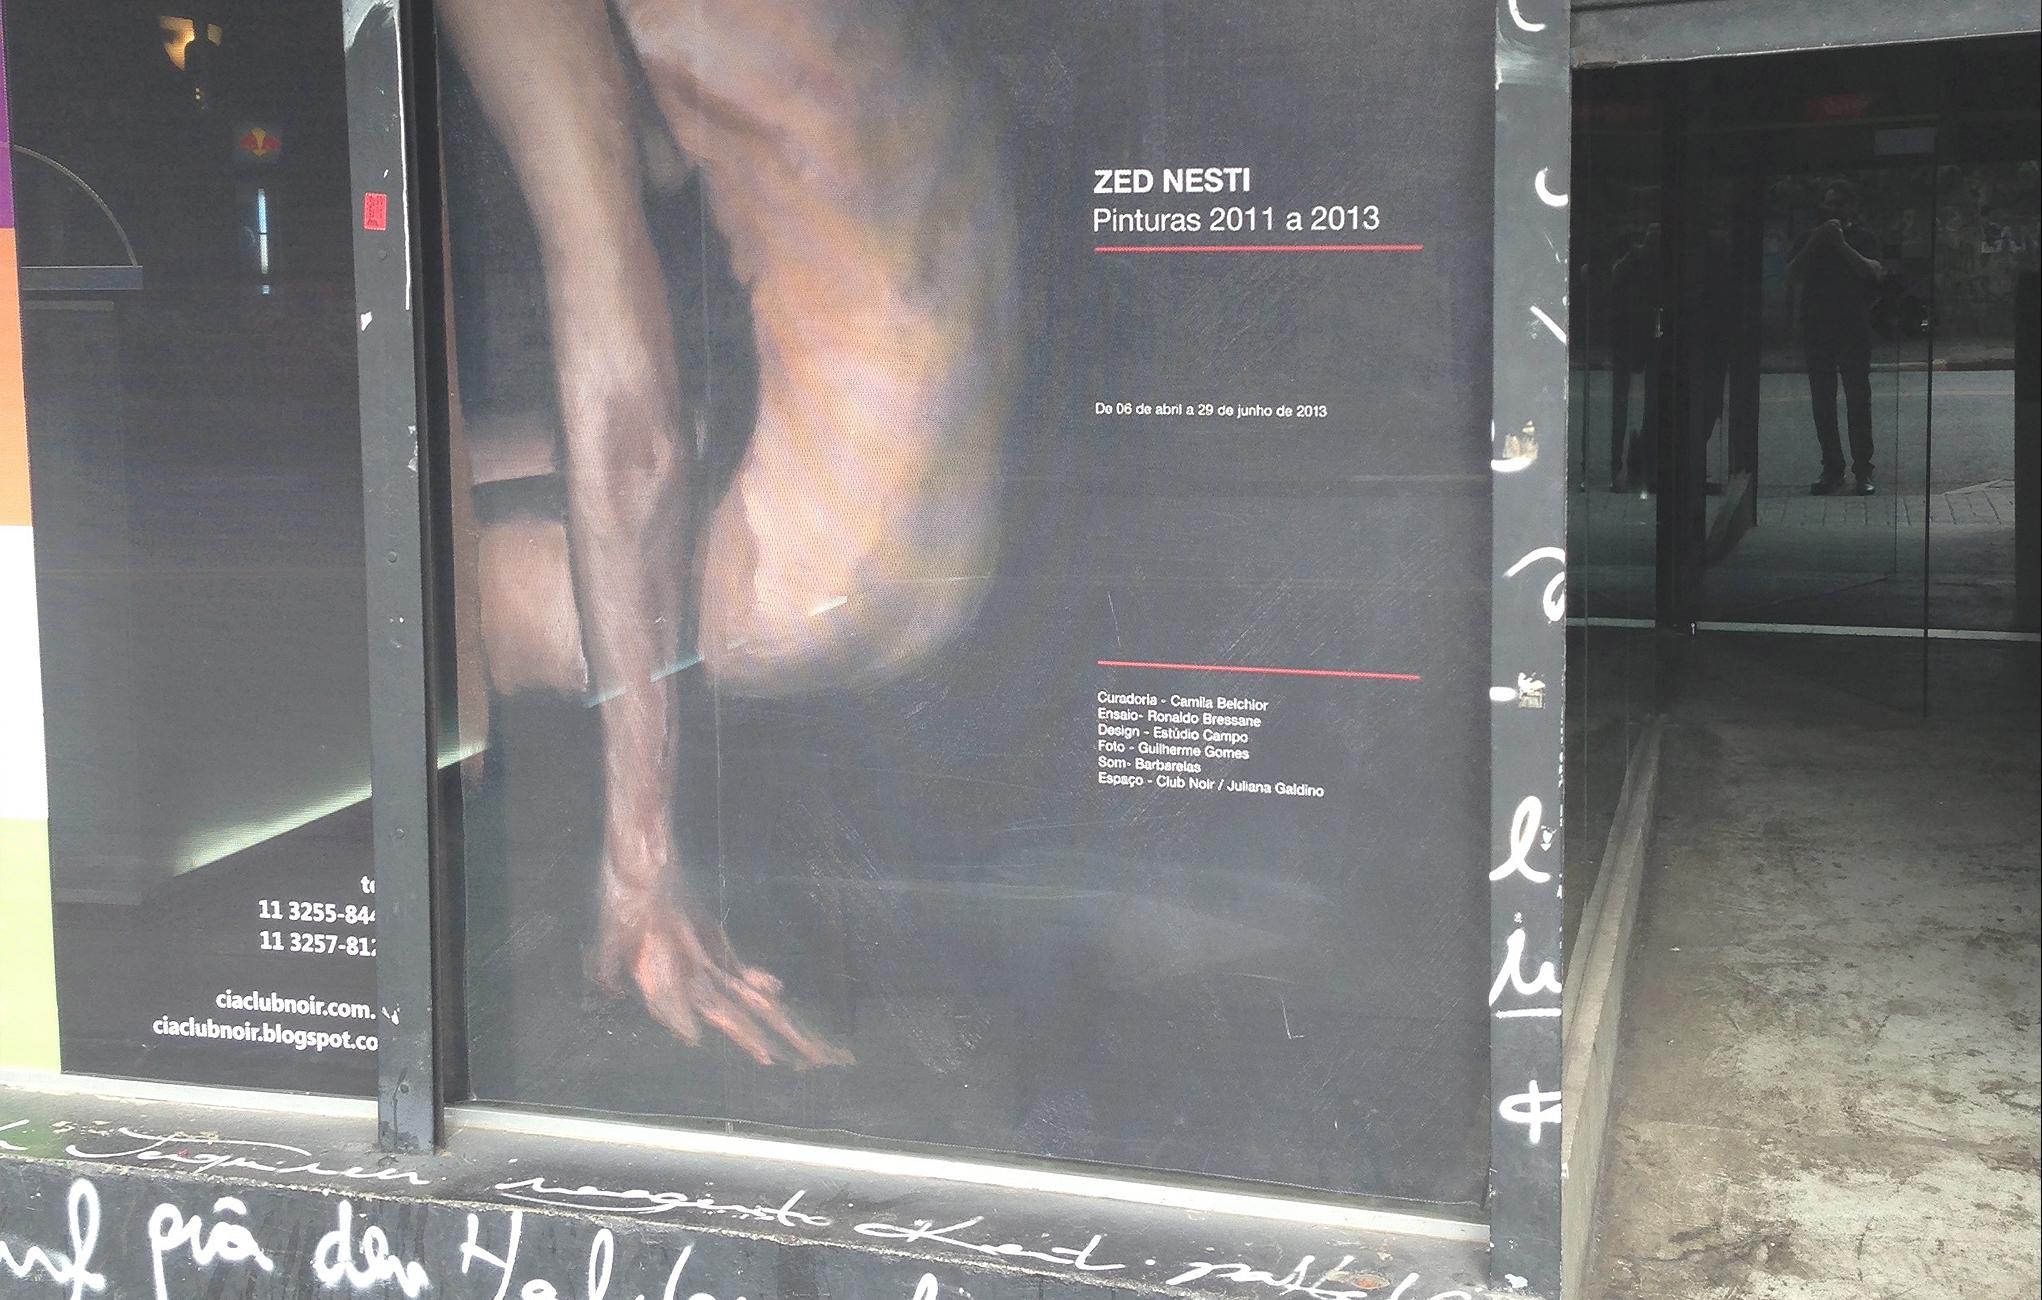 Zed Nesti Pinturas 2011 a 2013